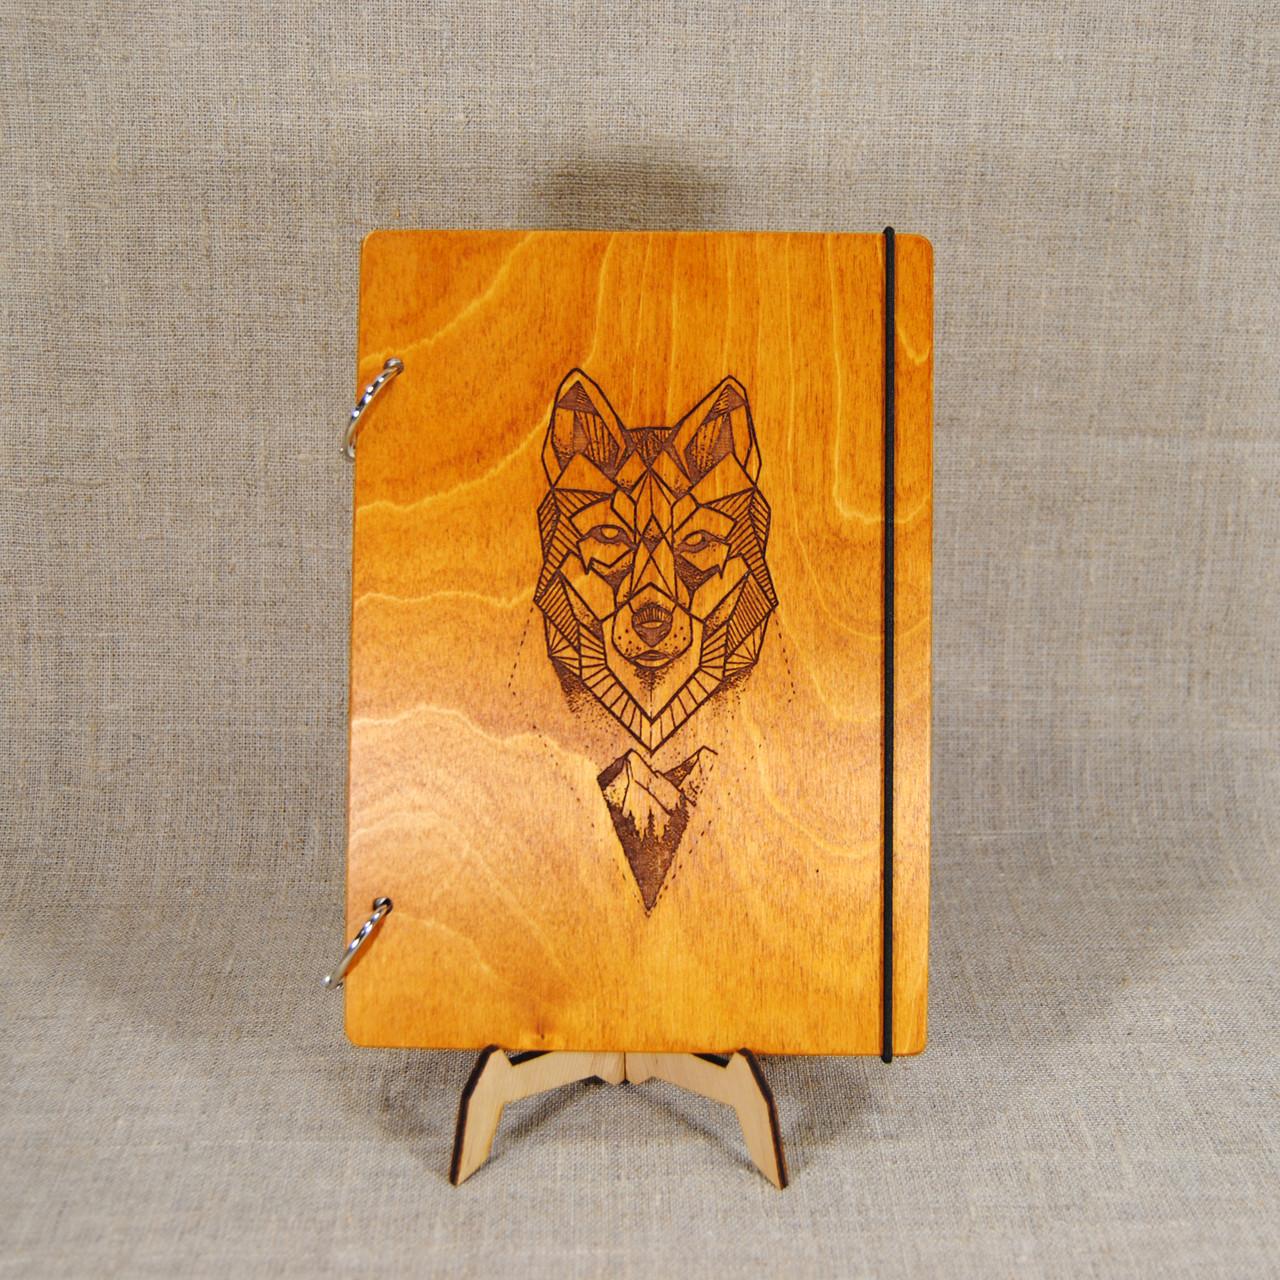 Блокнот. Скетчбук. Блокнот с деревянной обложкой. Блокнот в деревянном переплете. Деревянный блокнот